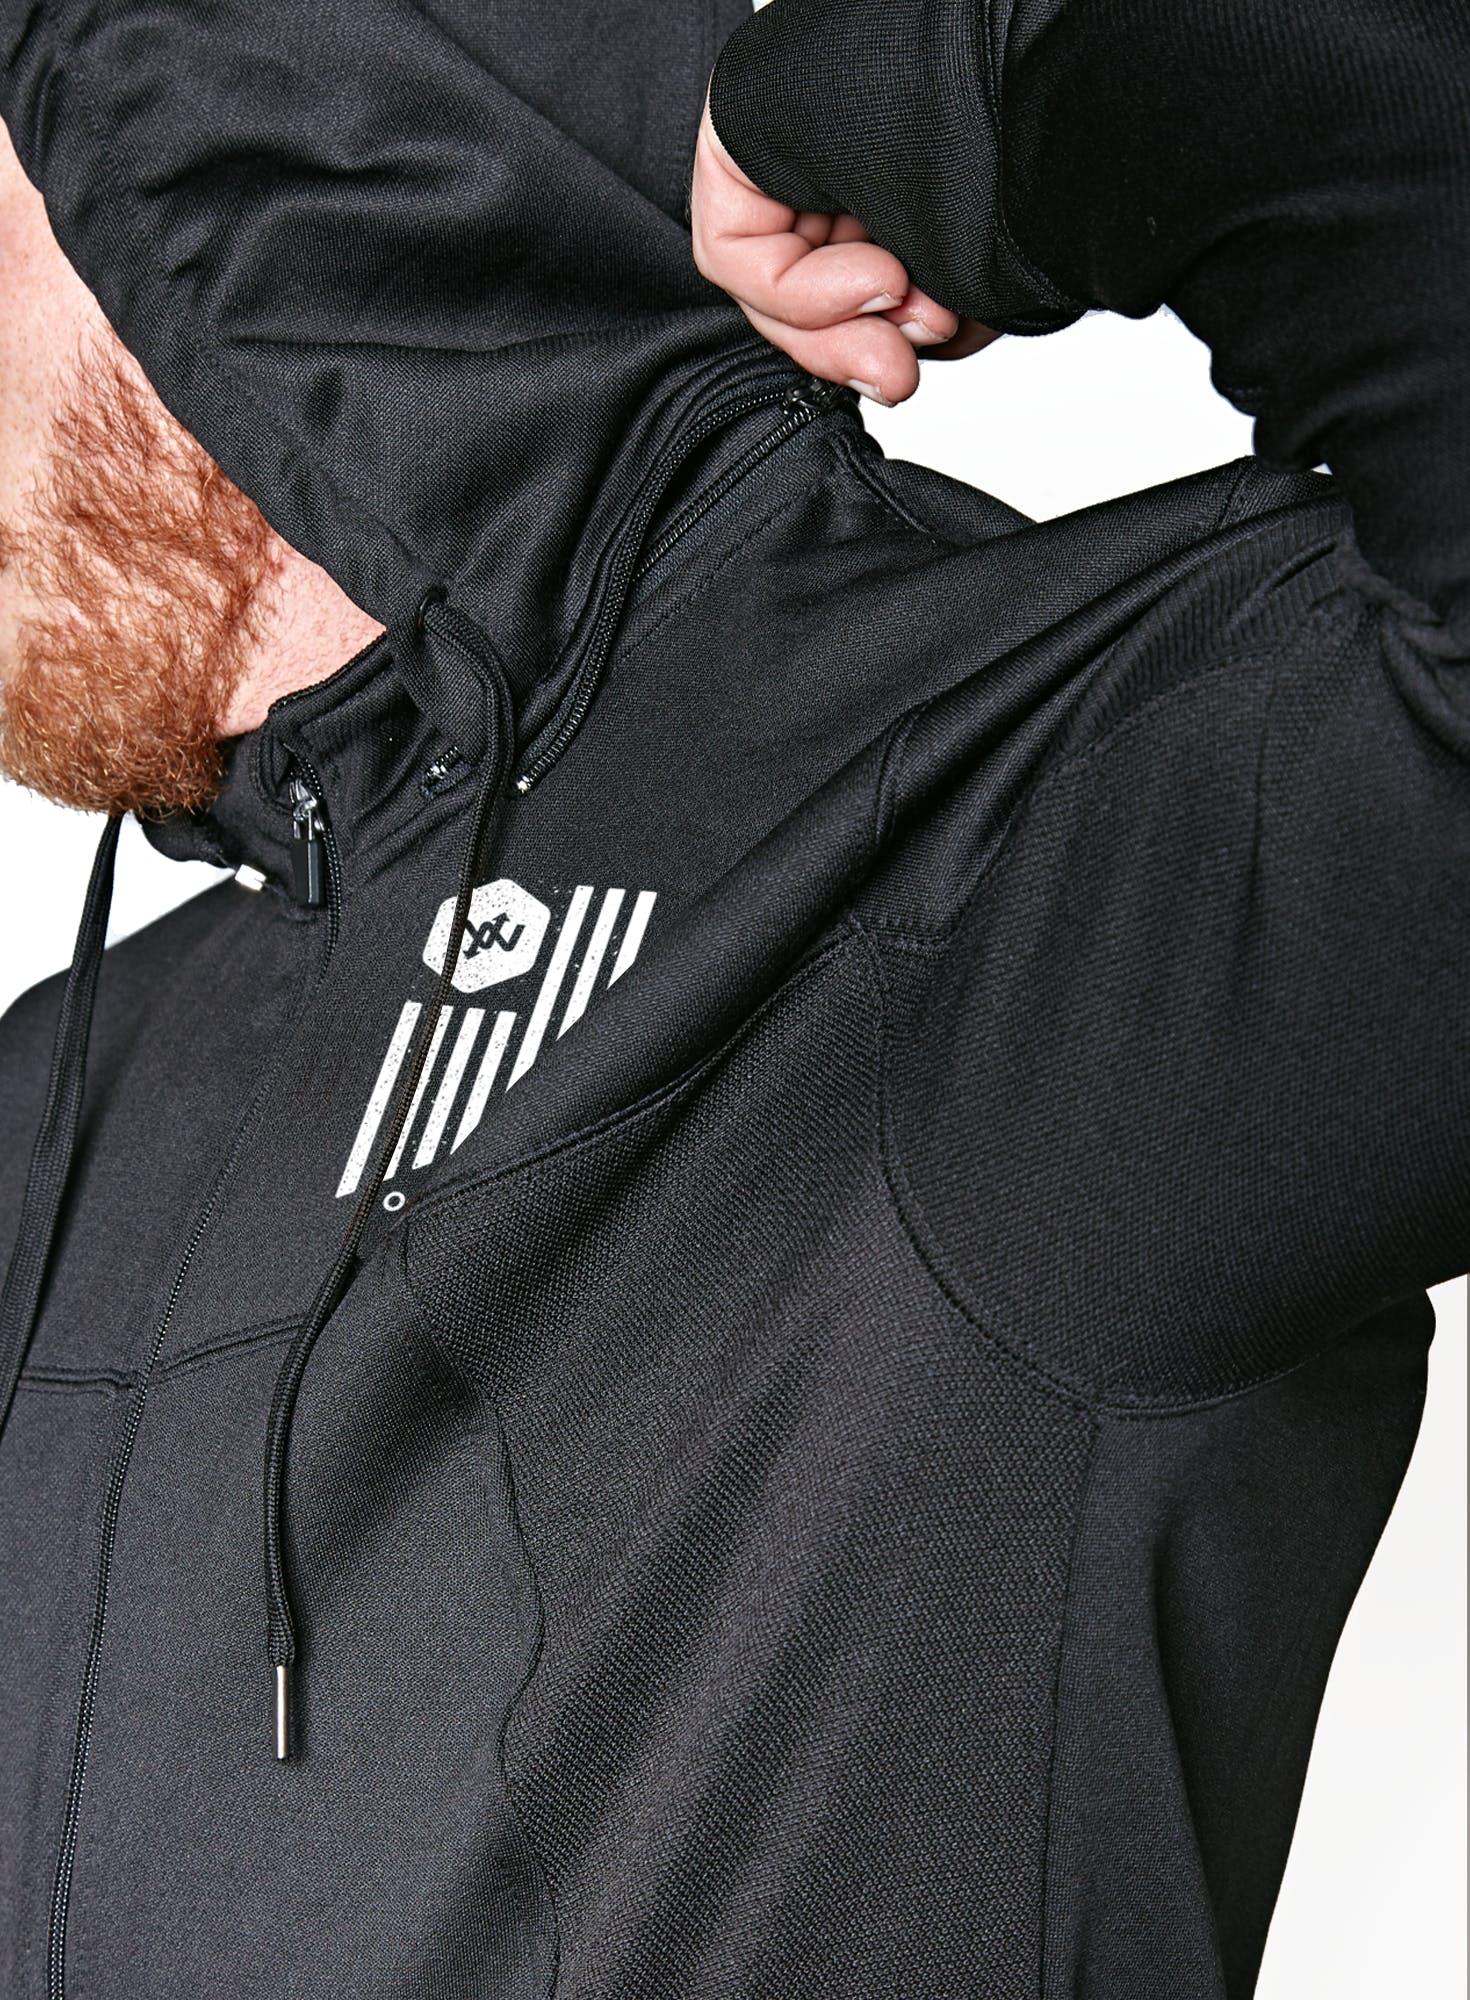 Banner Tech-Zip Jacket Bonus Image